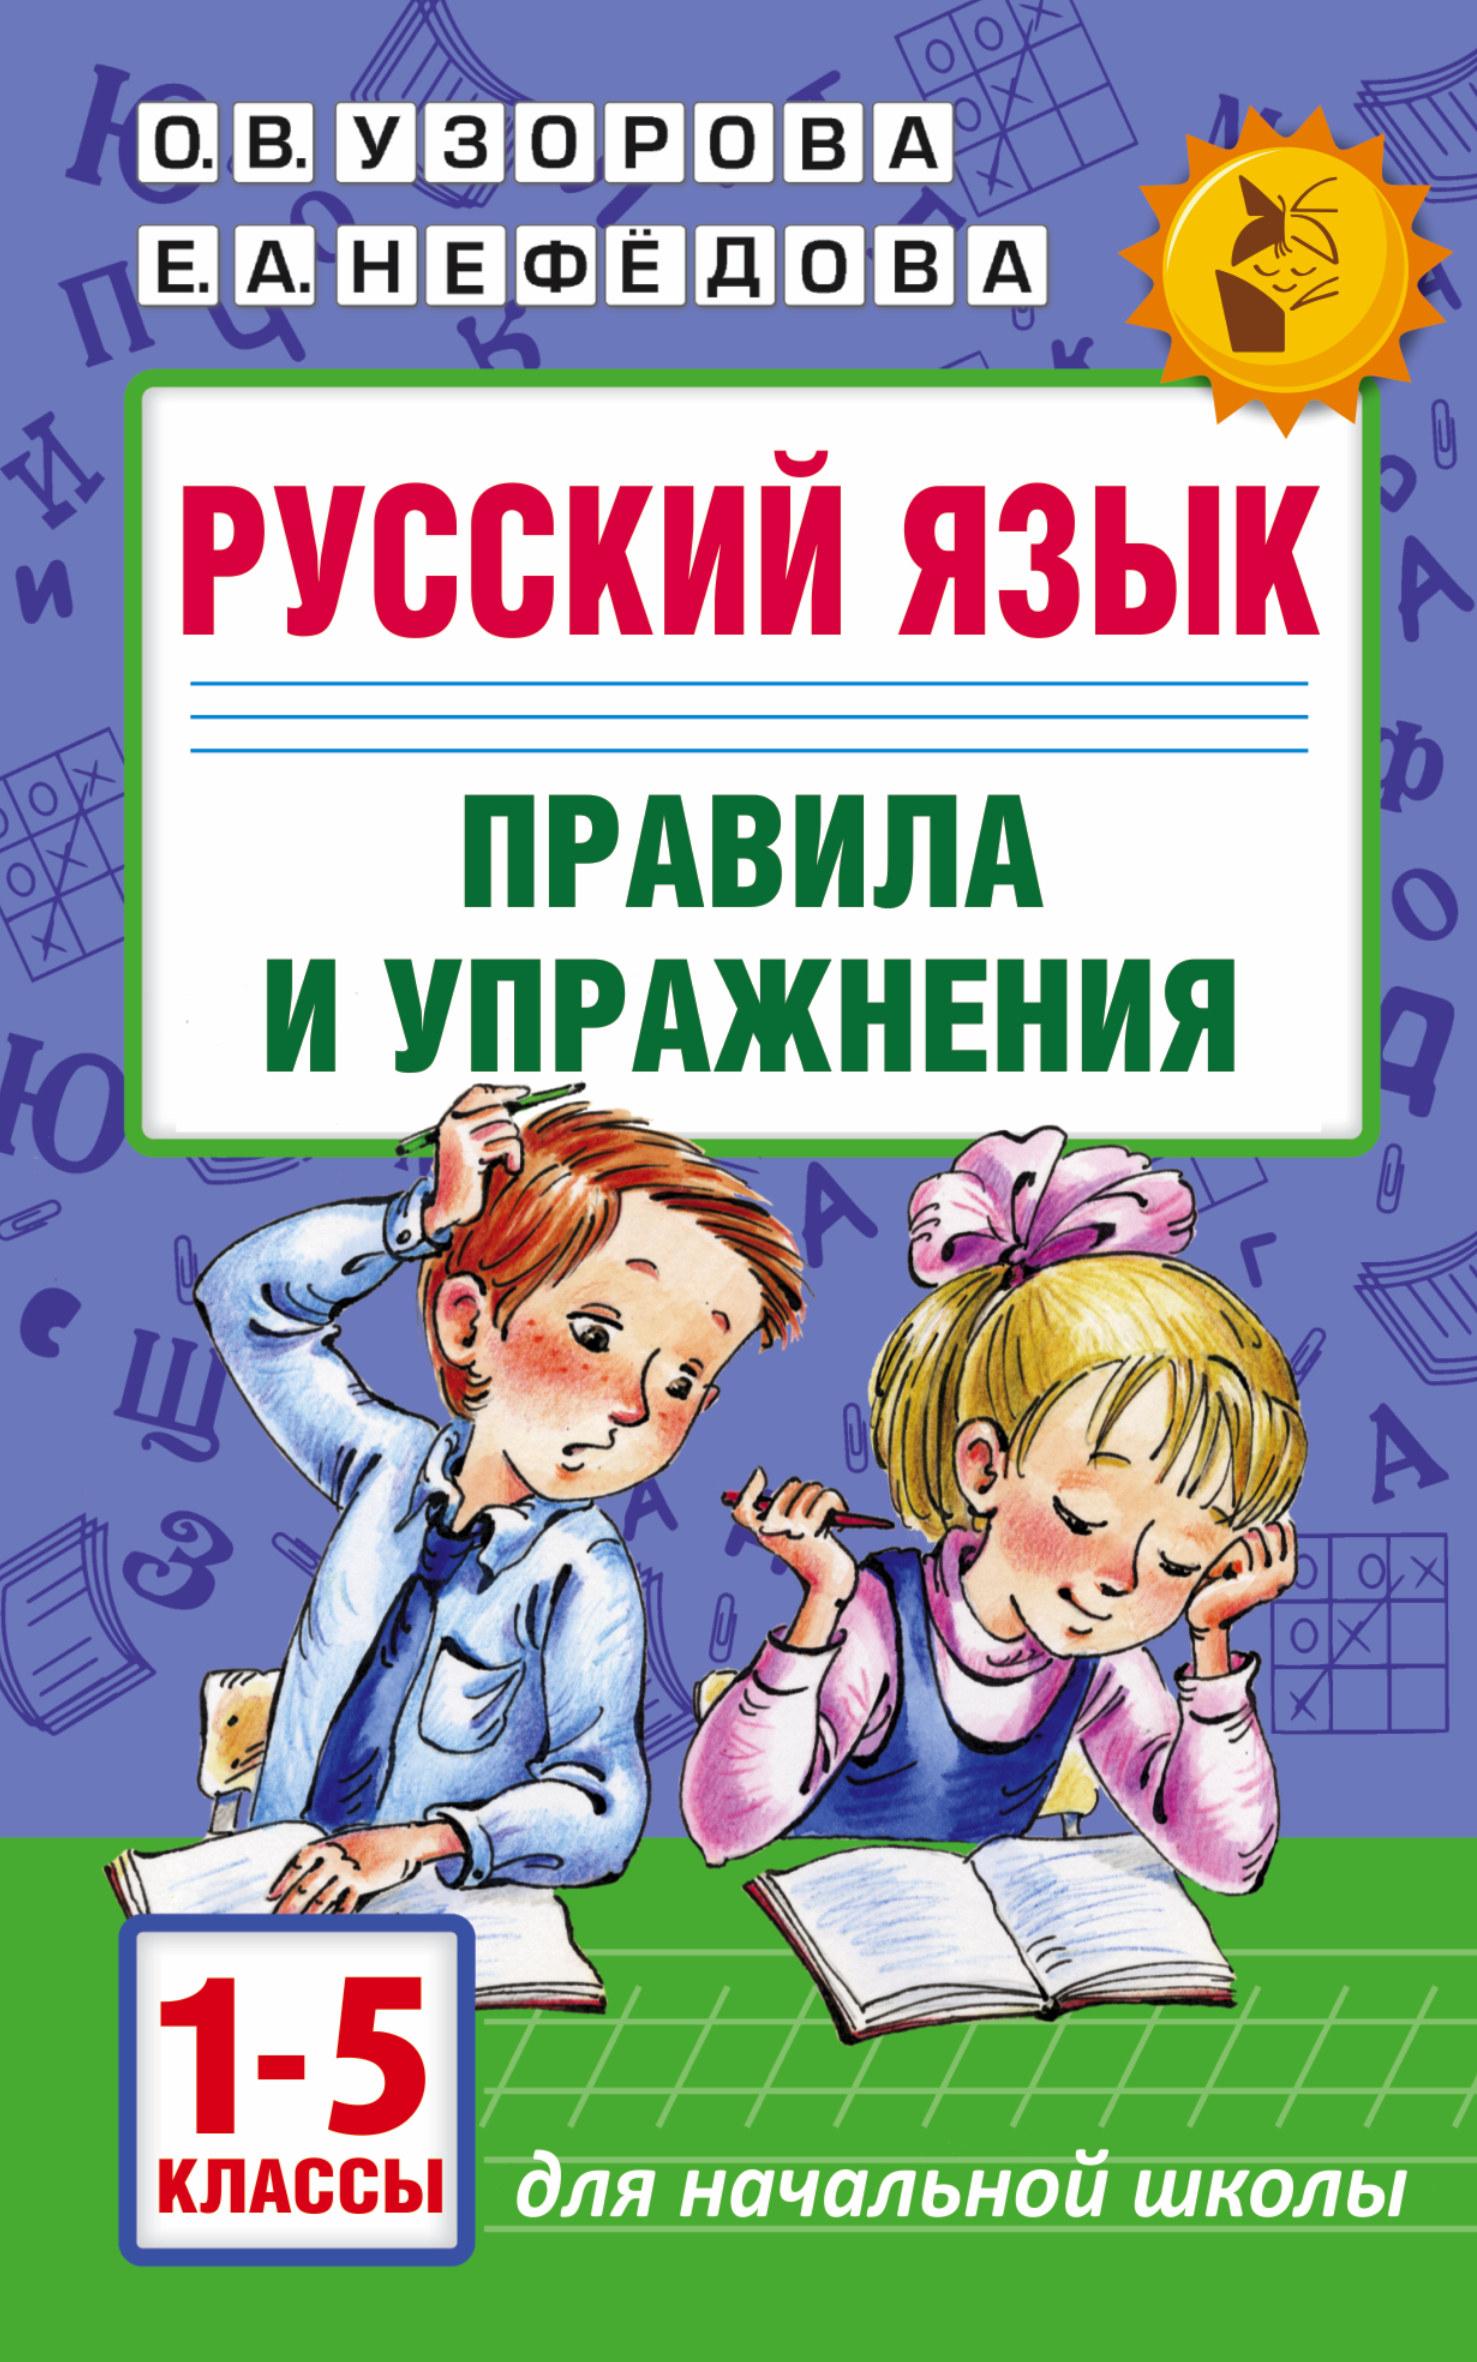 Русский язык.Правила и упражнения 1-5 классы от book24.ru